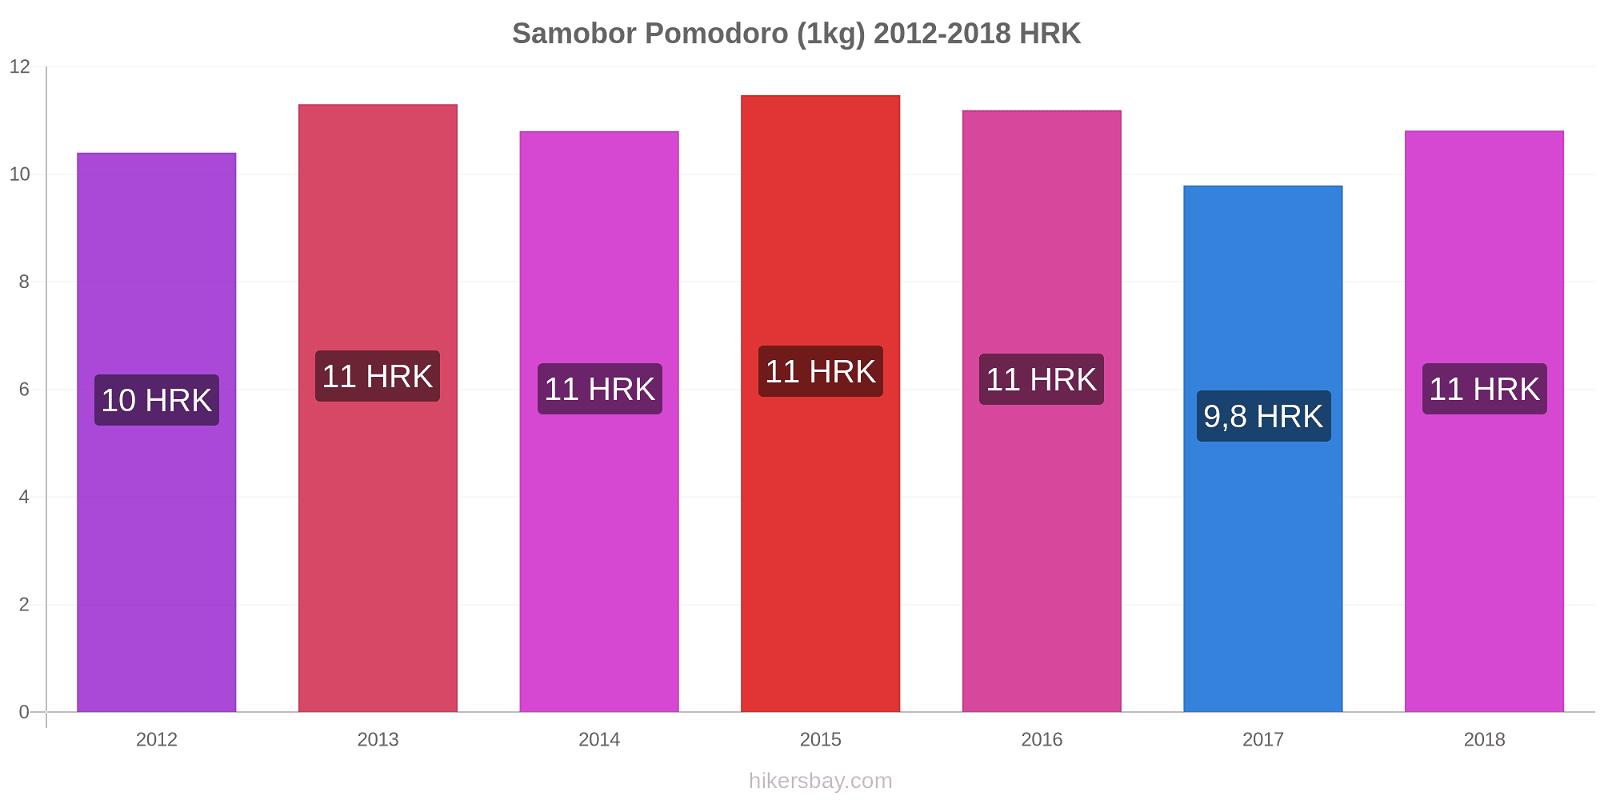 Samobor variazioni di prezzo Pomodoro (1kg) hikersbay.com